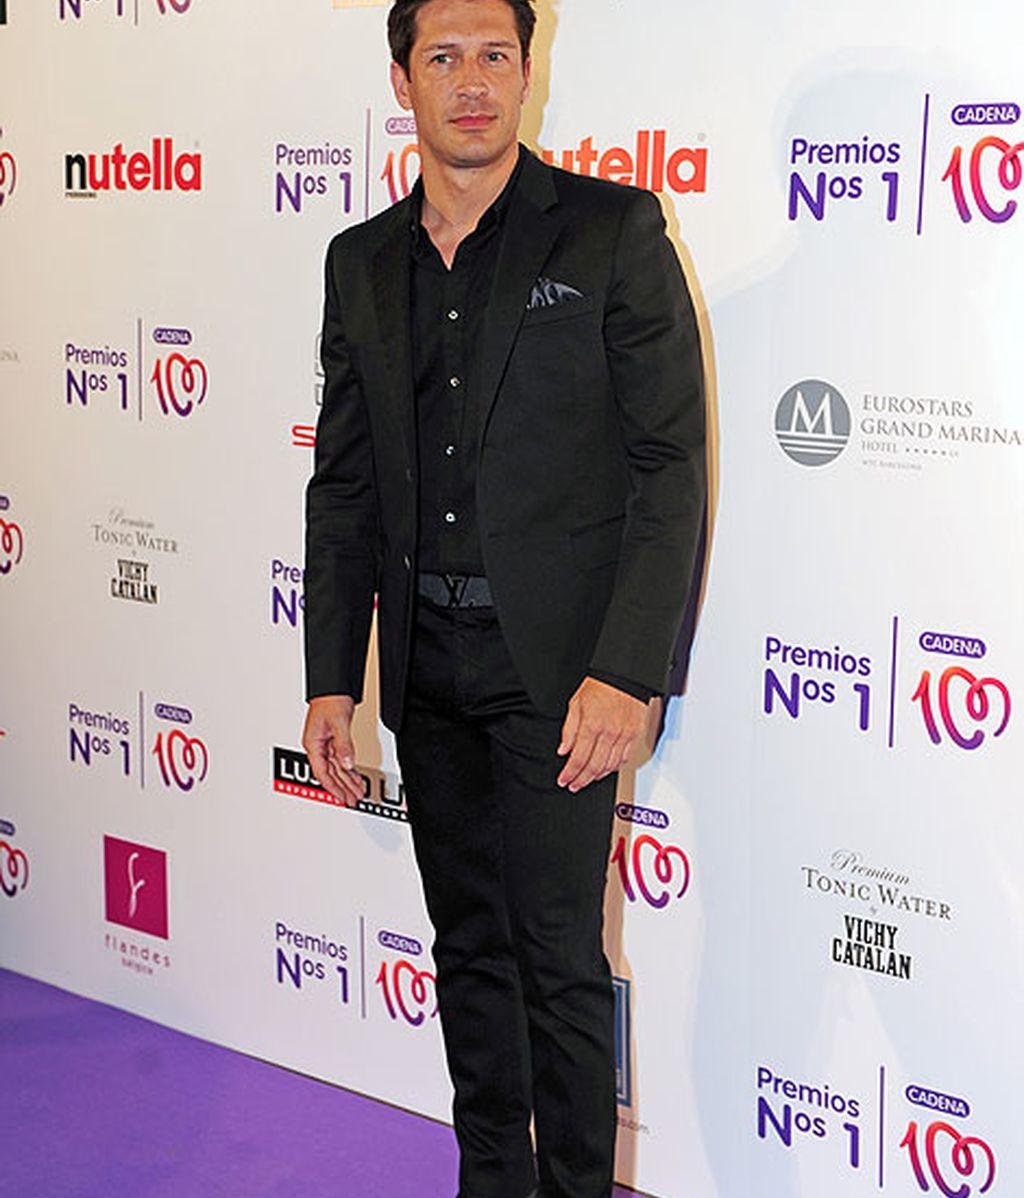 El presentador Jaime Cantizano también eligió un look 'total black'